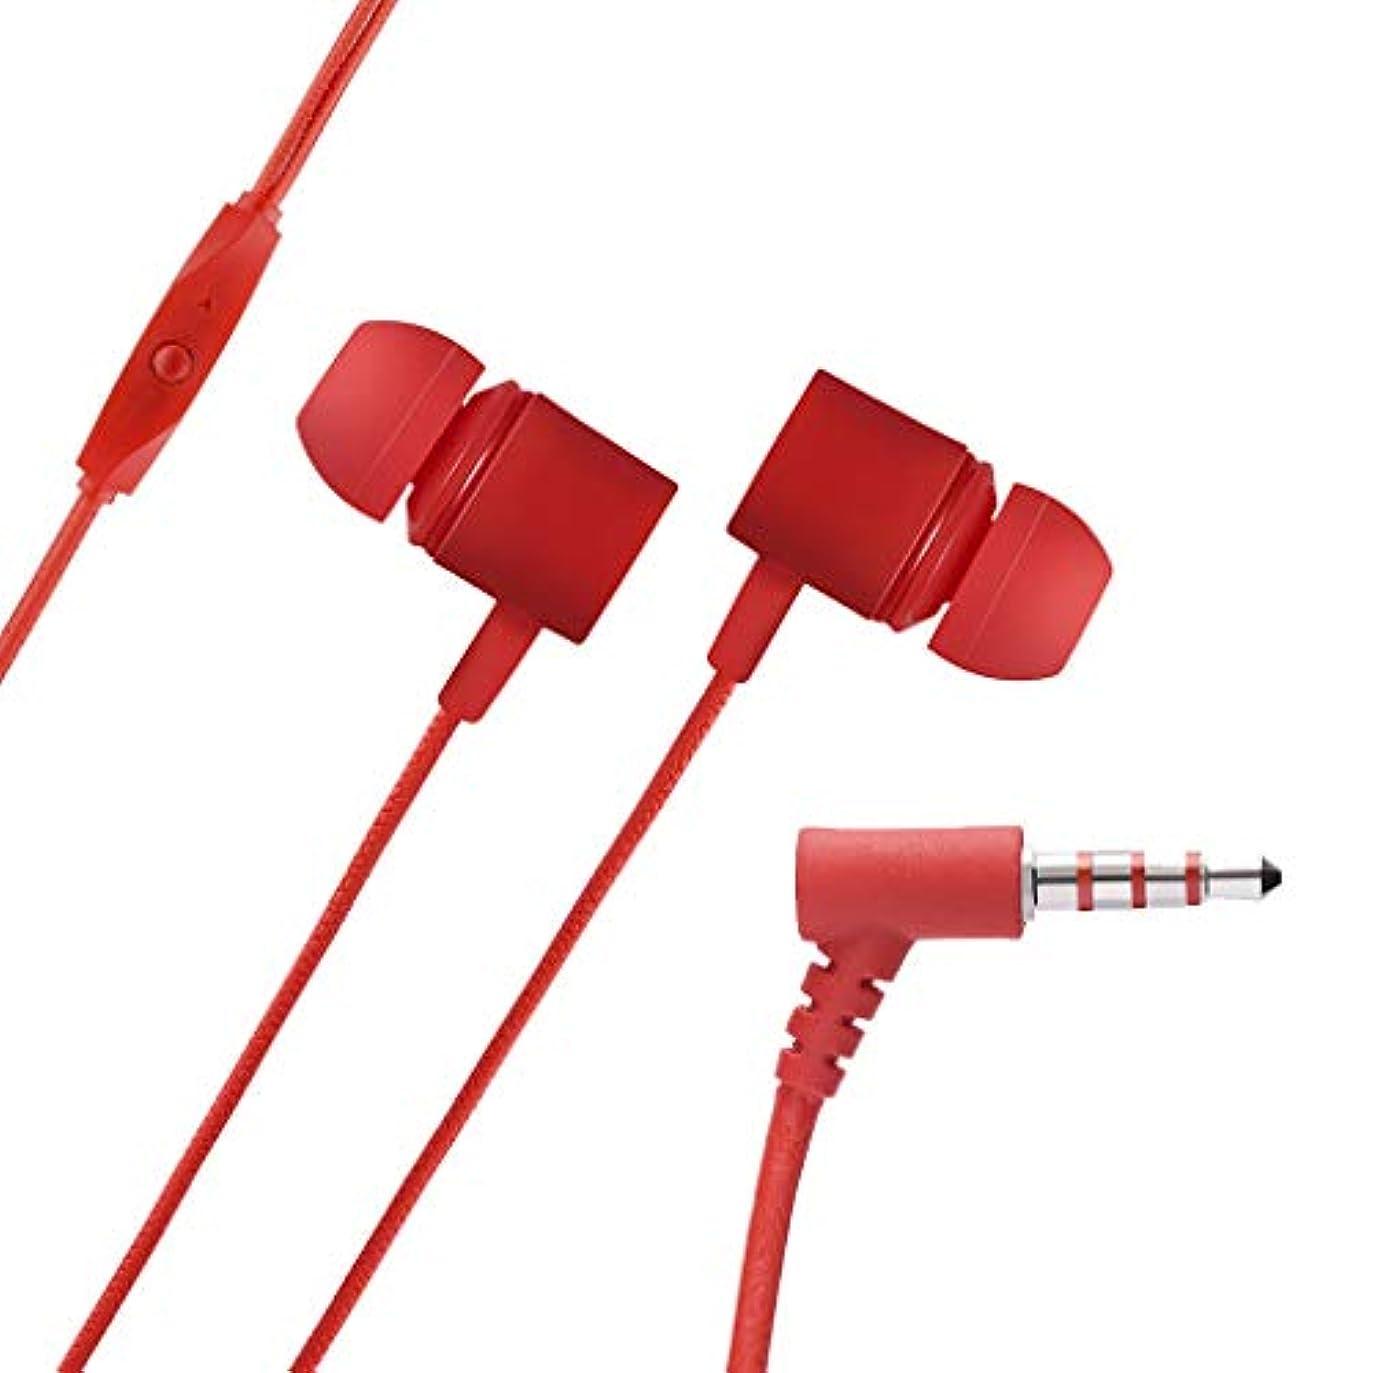 連続的ねばねば高速道路有線イヤホンインイヤーステレオハイファイイヤホンベースイヤホンスポーツヘッドセット音楽ヘッドホン内蔵マイク 重低音 高音質 超軽量 高遮音性 騒音抑制